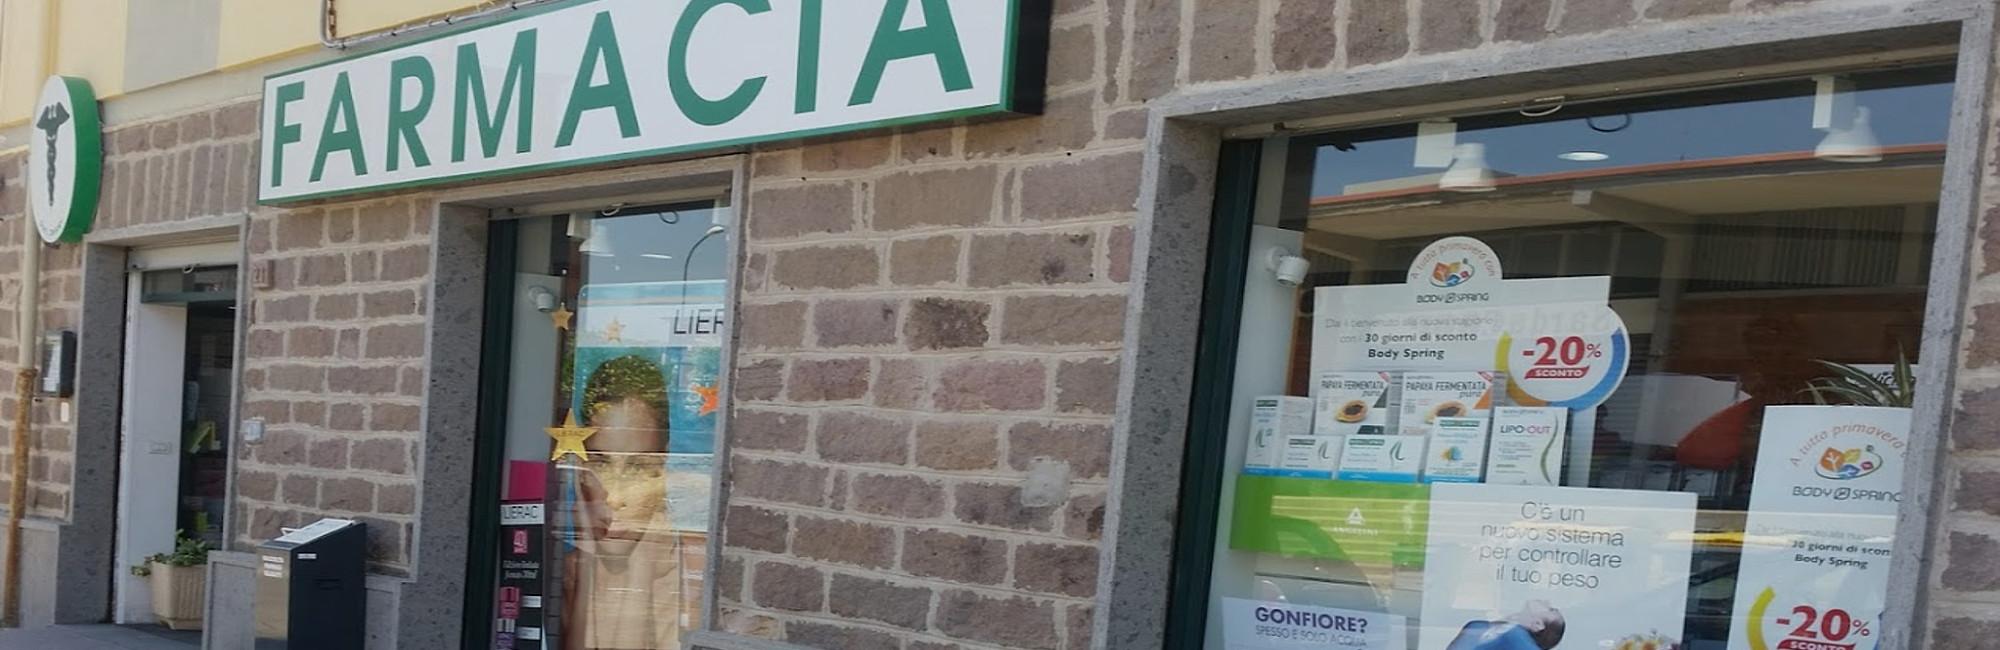 contatti_farmacia_delogu_sassari_header